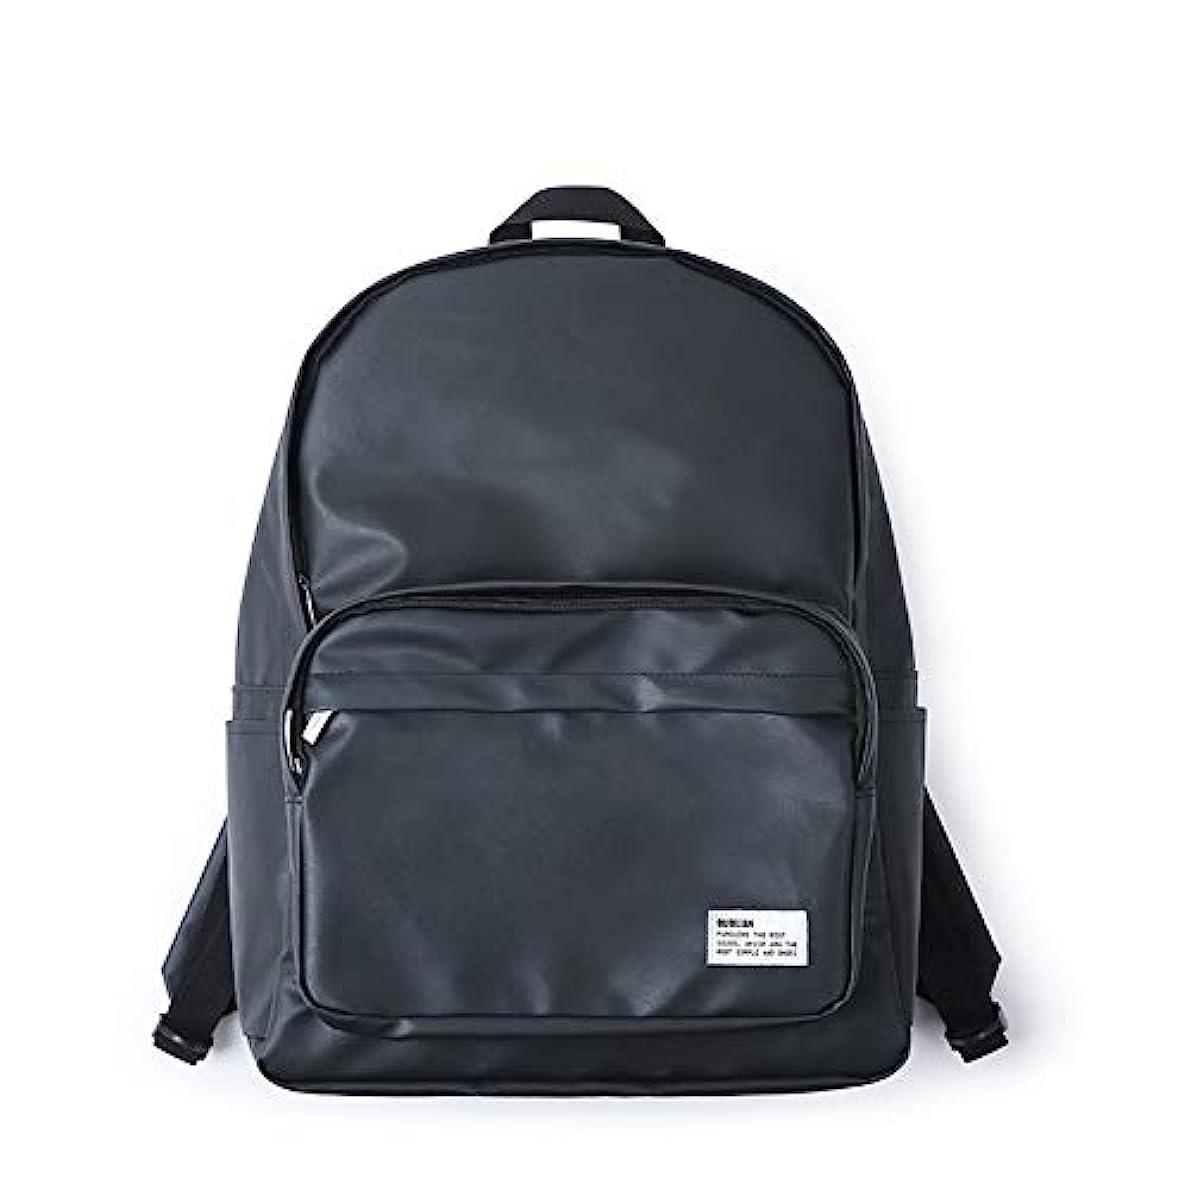 省略塩辛い談話【日本正規代理店品】Bubilian Water Proof Bag 濡れにくい素材を使用して雨の日にも濡れる心配のないリュック